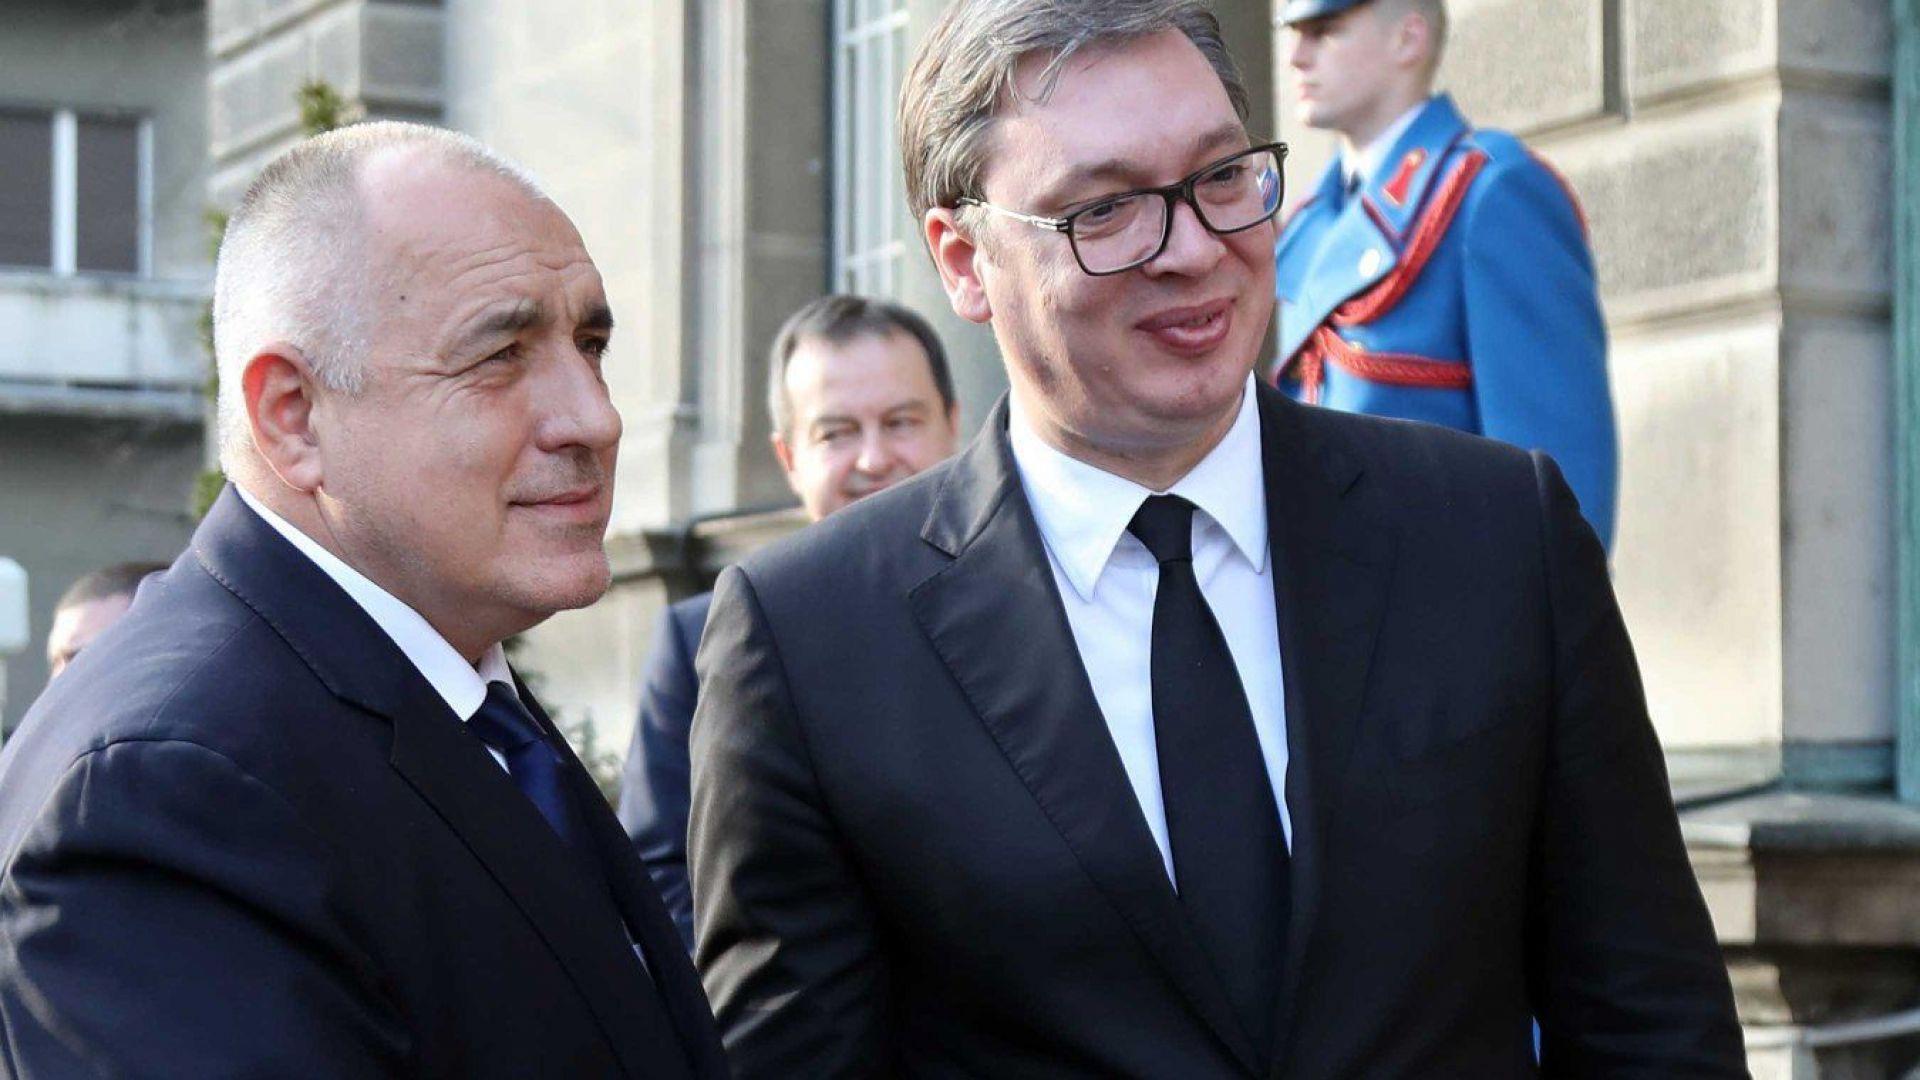 Бойко Борисов получи най-високото държавно отличие на Сърбия (снимки)